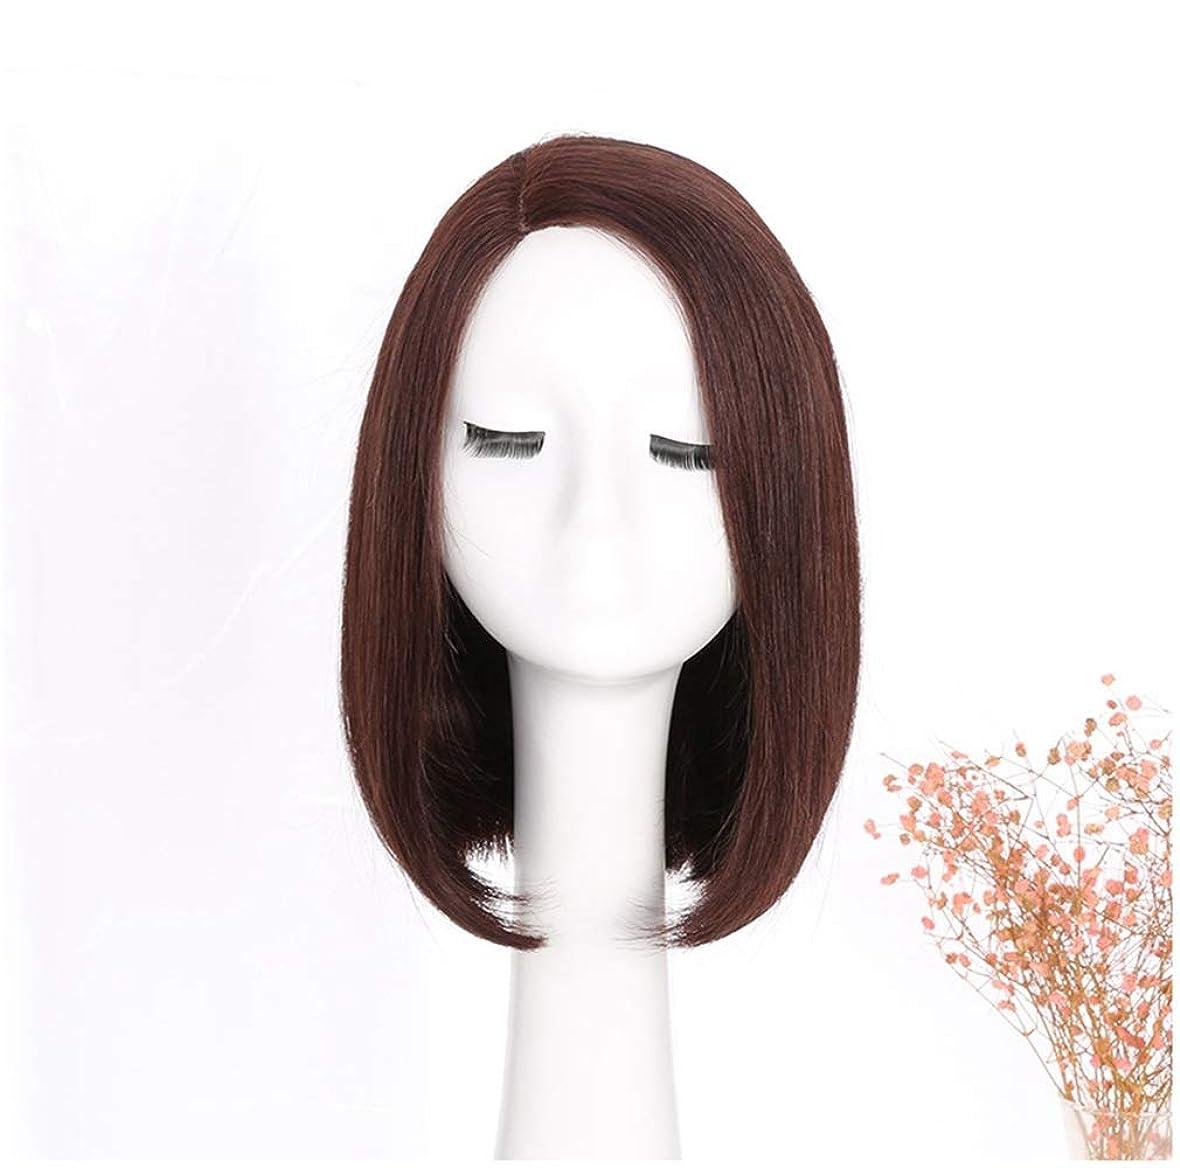 海外でレコーダー寛大なHOHYLLYA 女性の短い髪ボブ梨ヘッド本物の髪のかつら肩ストレートヘアリアルなかつらファッションかつら (色 : Dark brown)